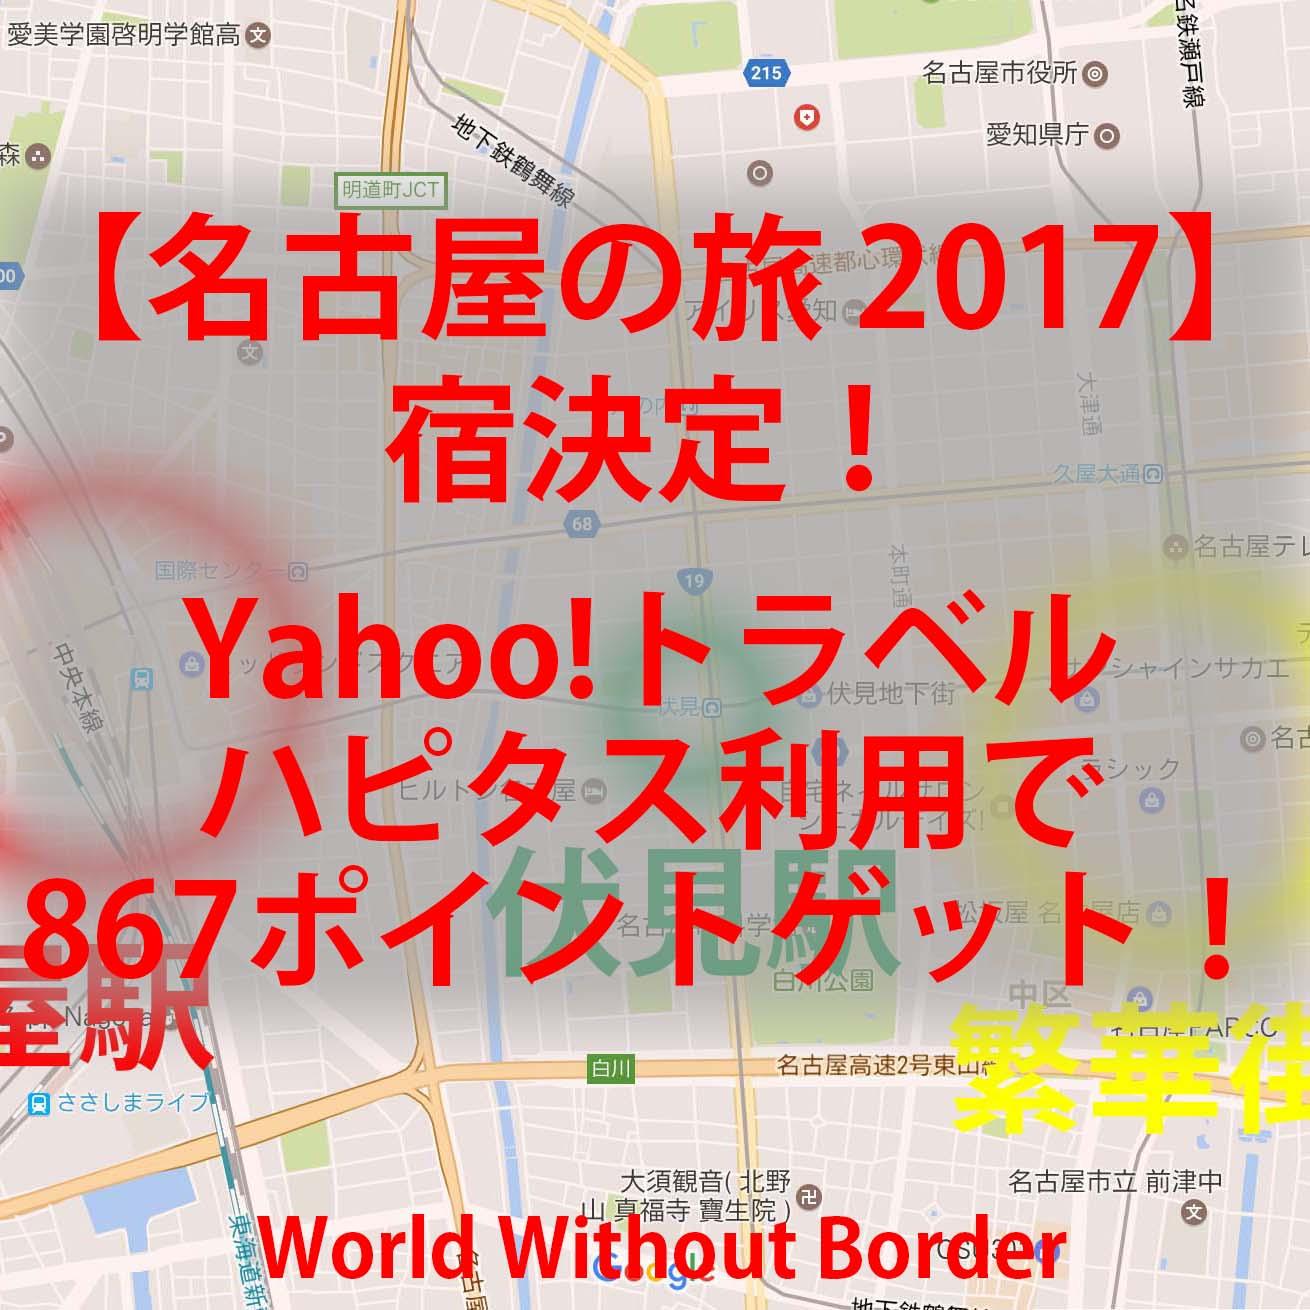 【名古屋の旅 2017】ヤフートラベル+ハピタスで実質5%+270円分割引して宿を予約する方法